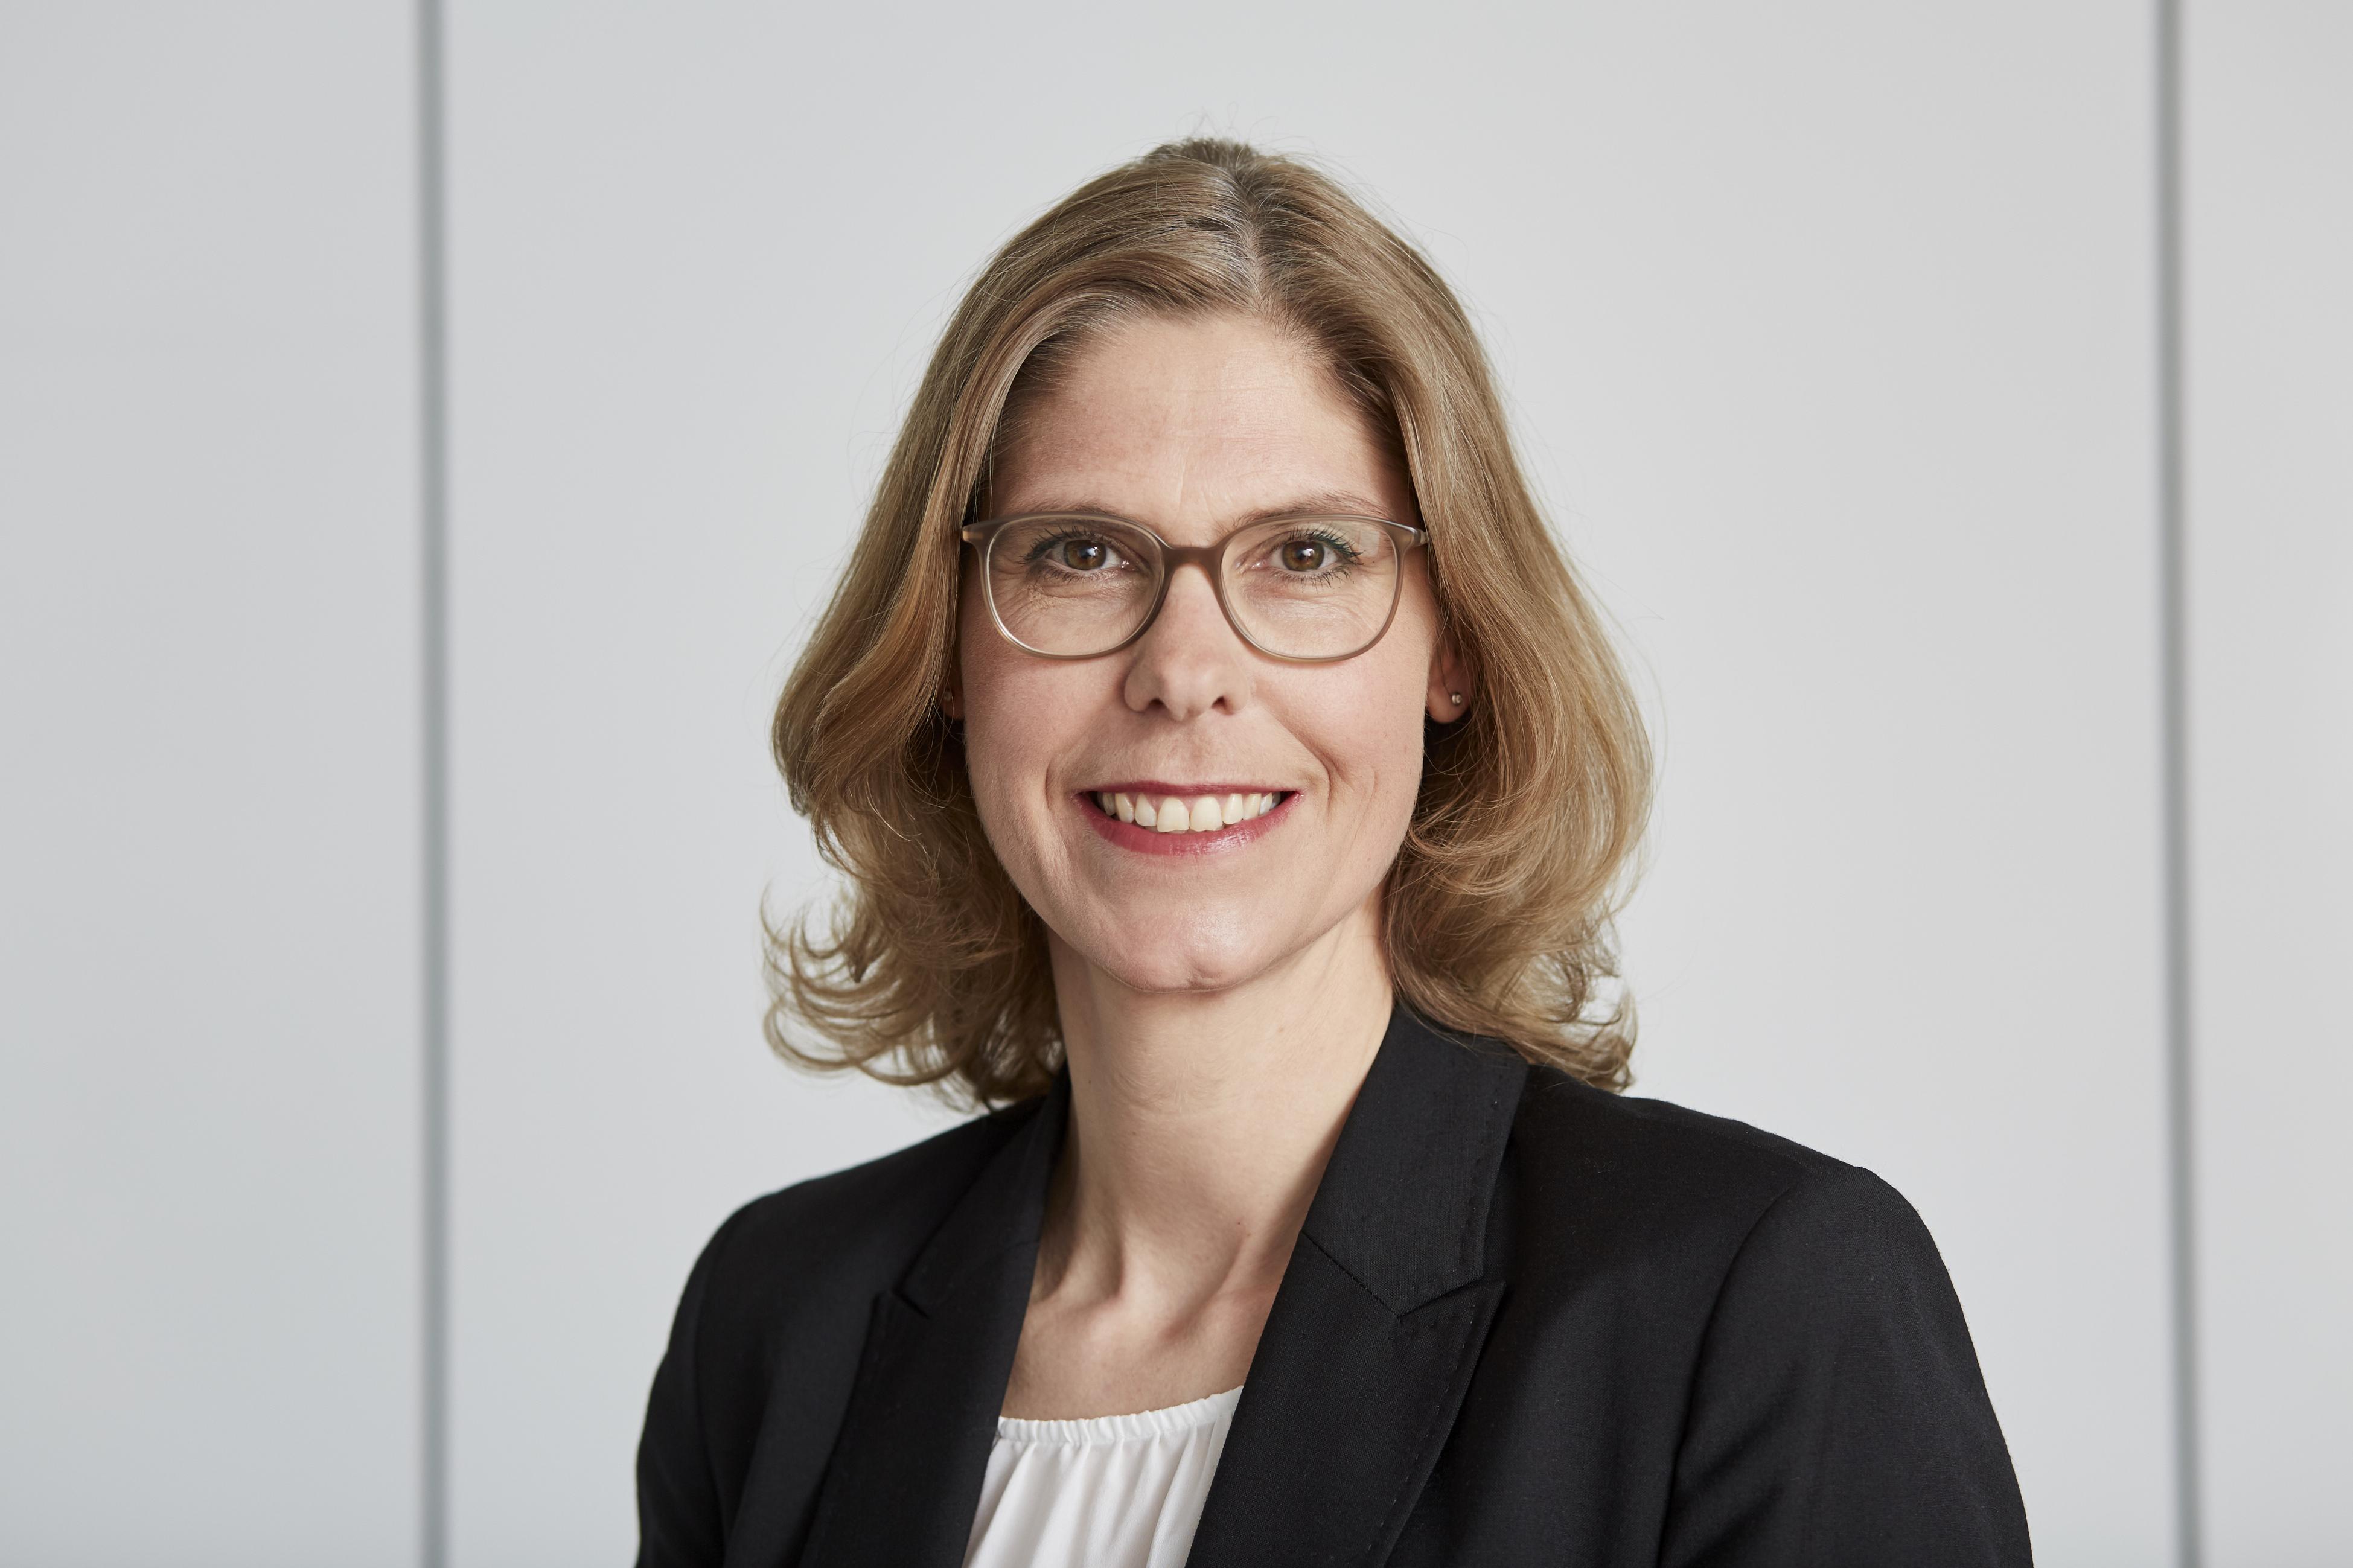 Claudia Hennig